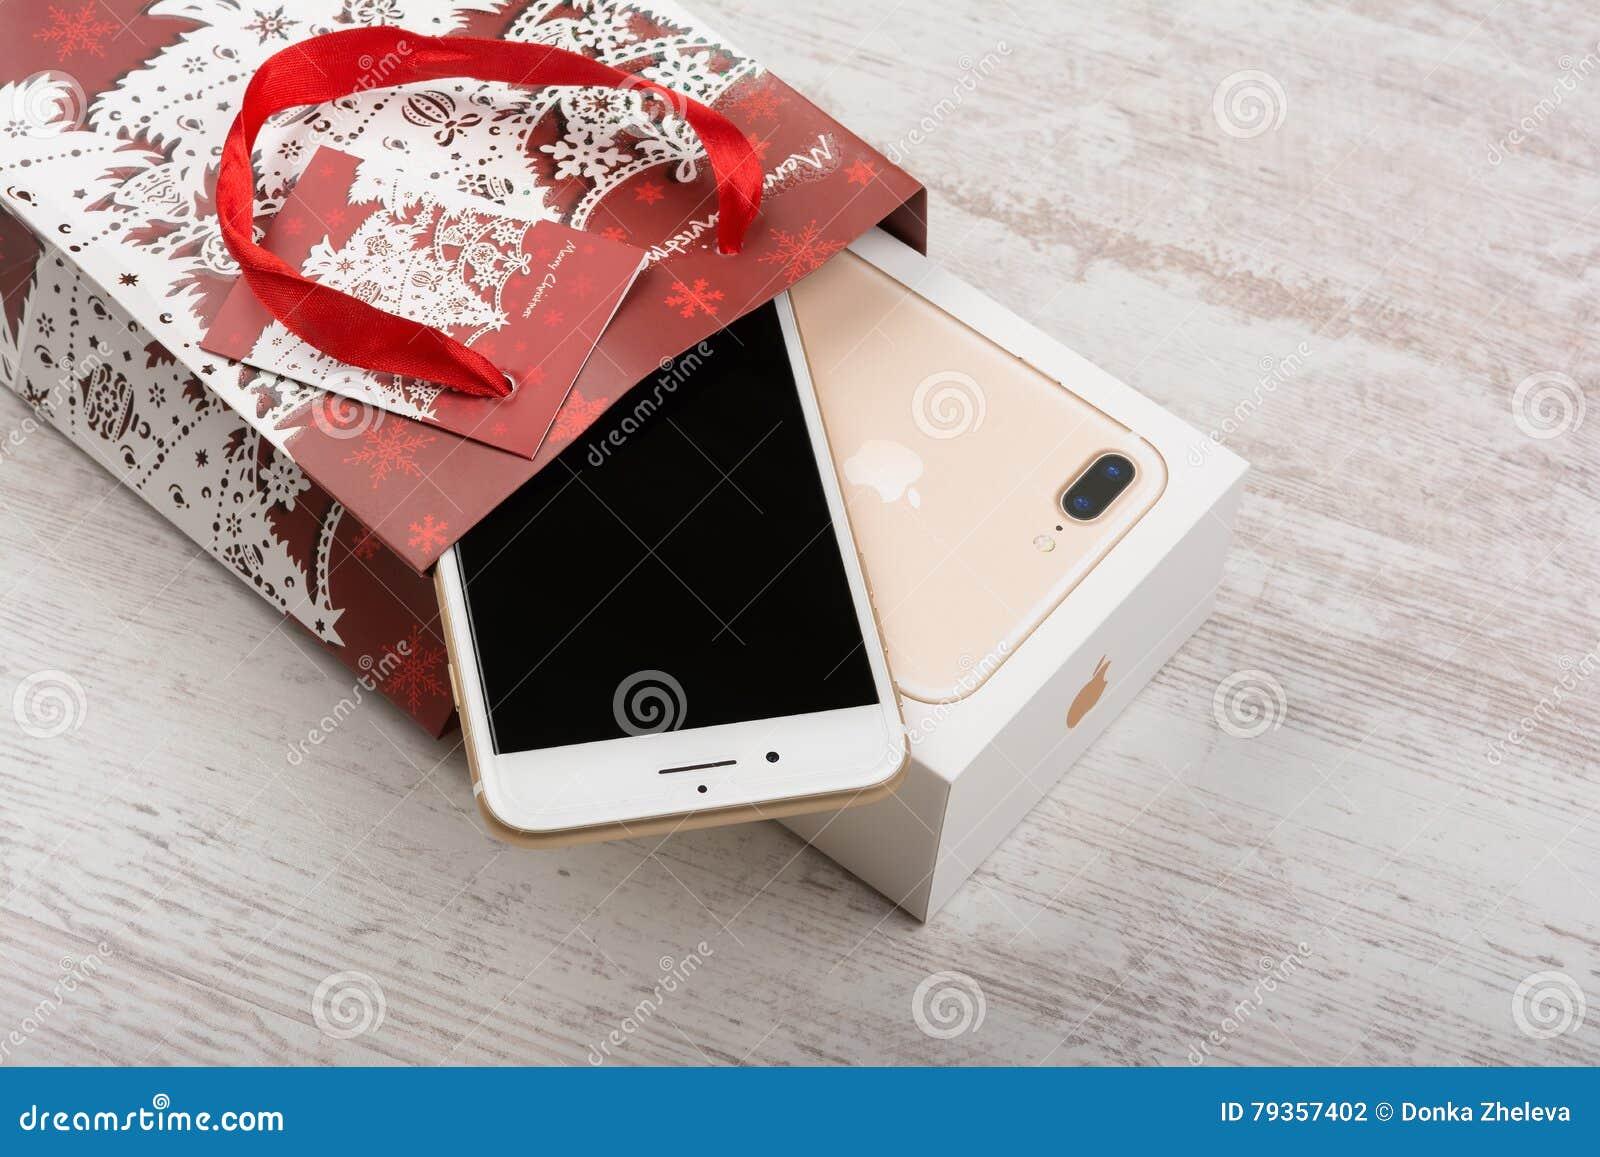 Christmas gift apples